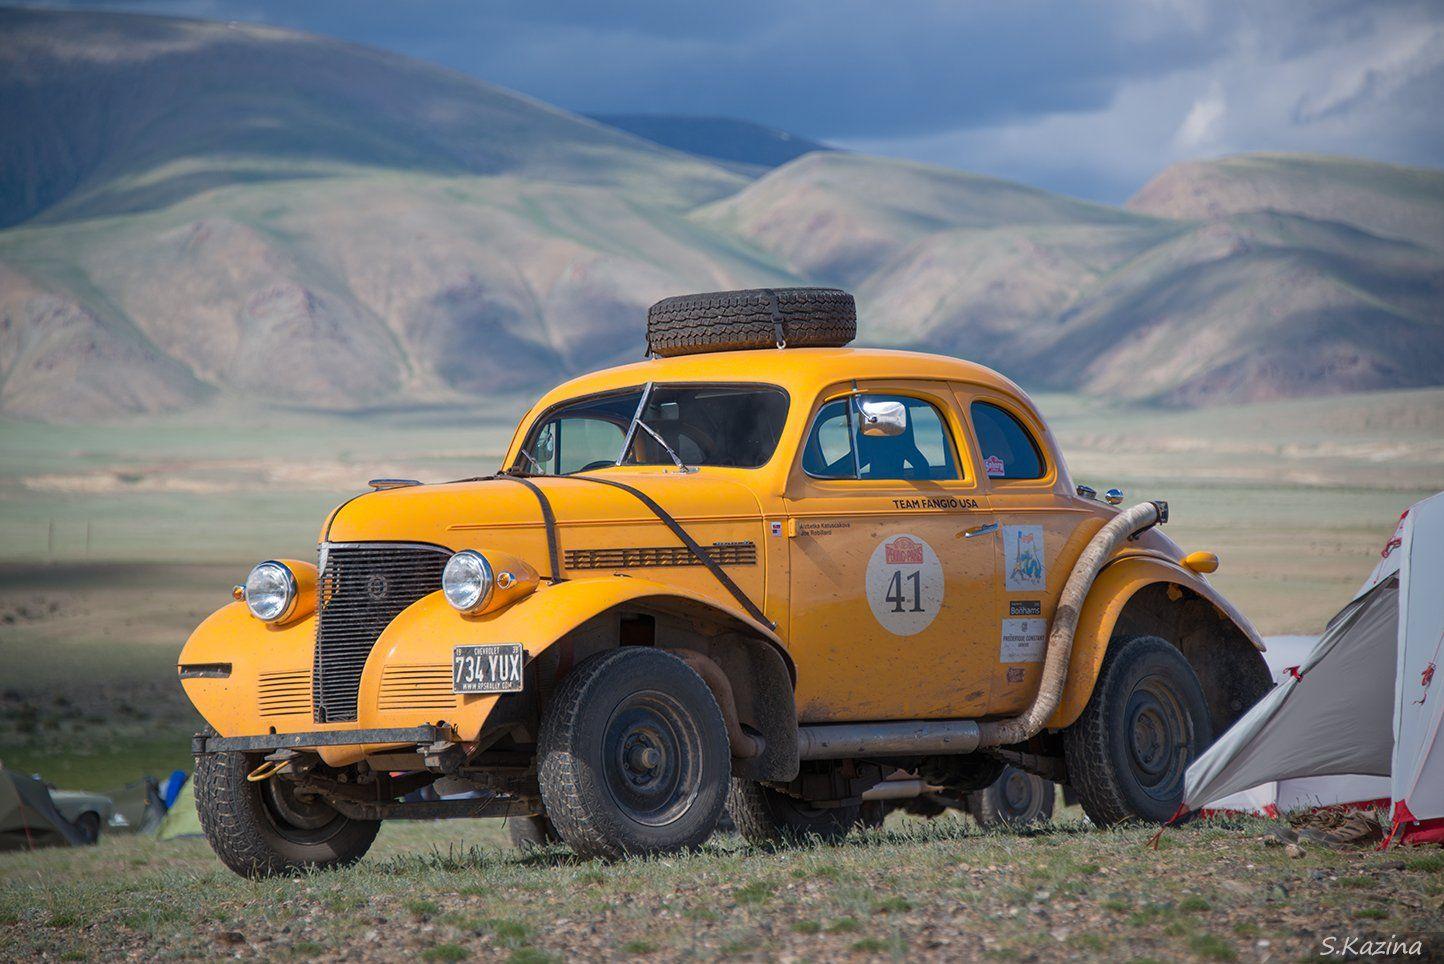 Retro-rally, Paris-Peking 2016, Republic Altai,  Paris-Peking, Altai, Retro-rally 2016, ретро-ралли 2016, париж-пекин, машины, авто, автомобили, Алтай, Горный Алтай, горы, Светлана Казина